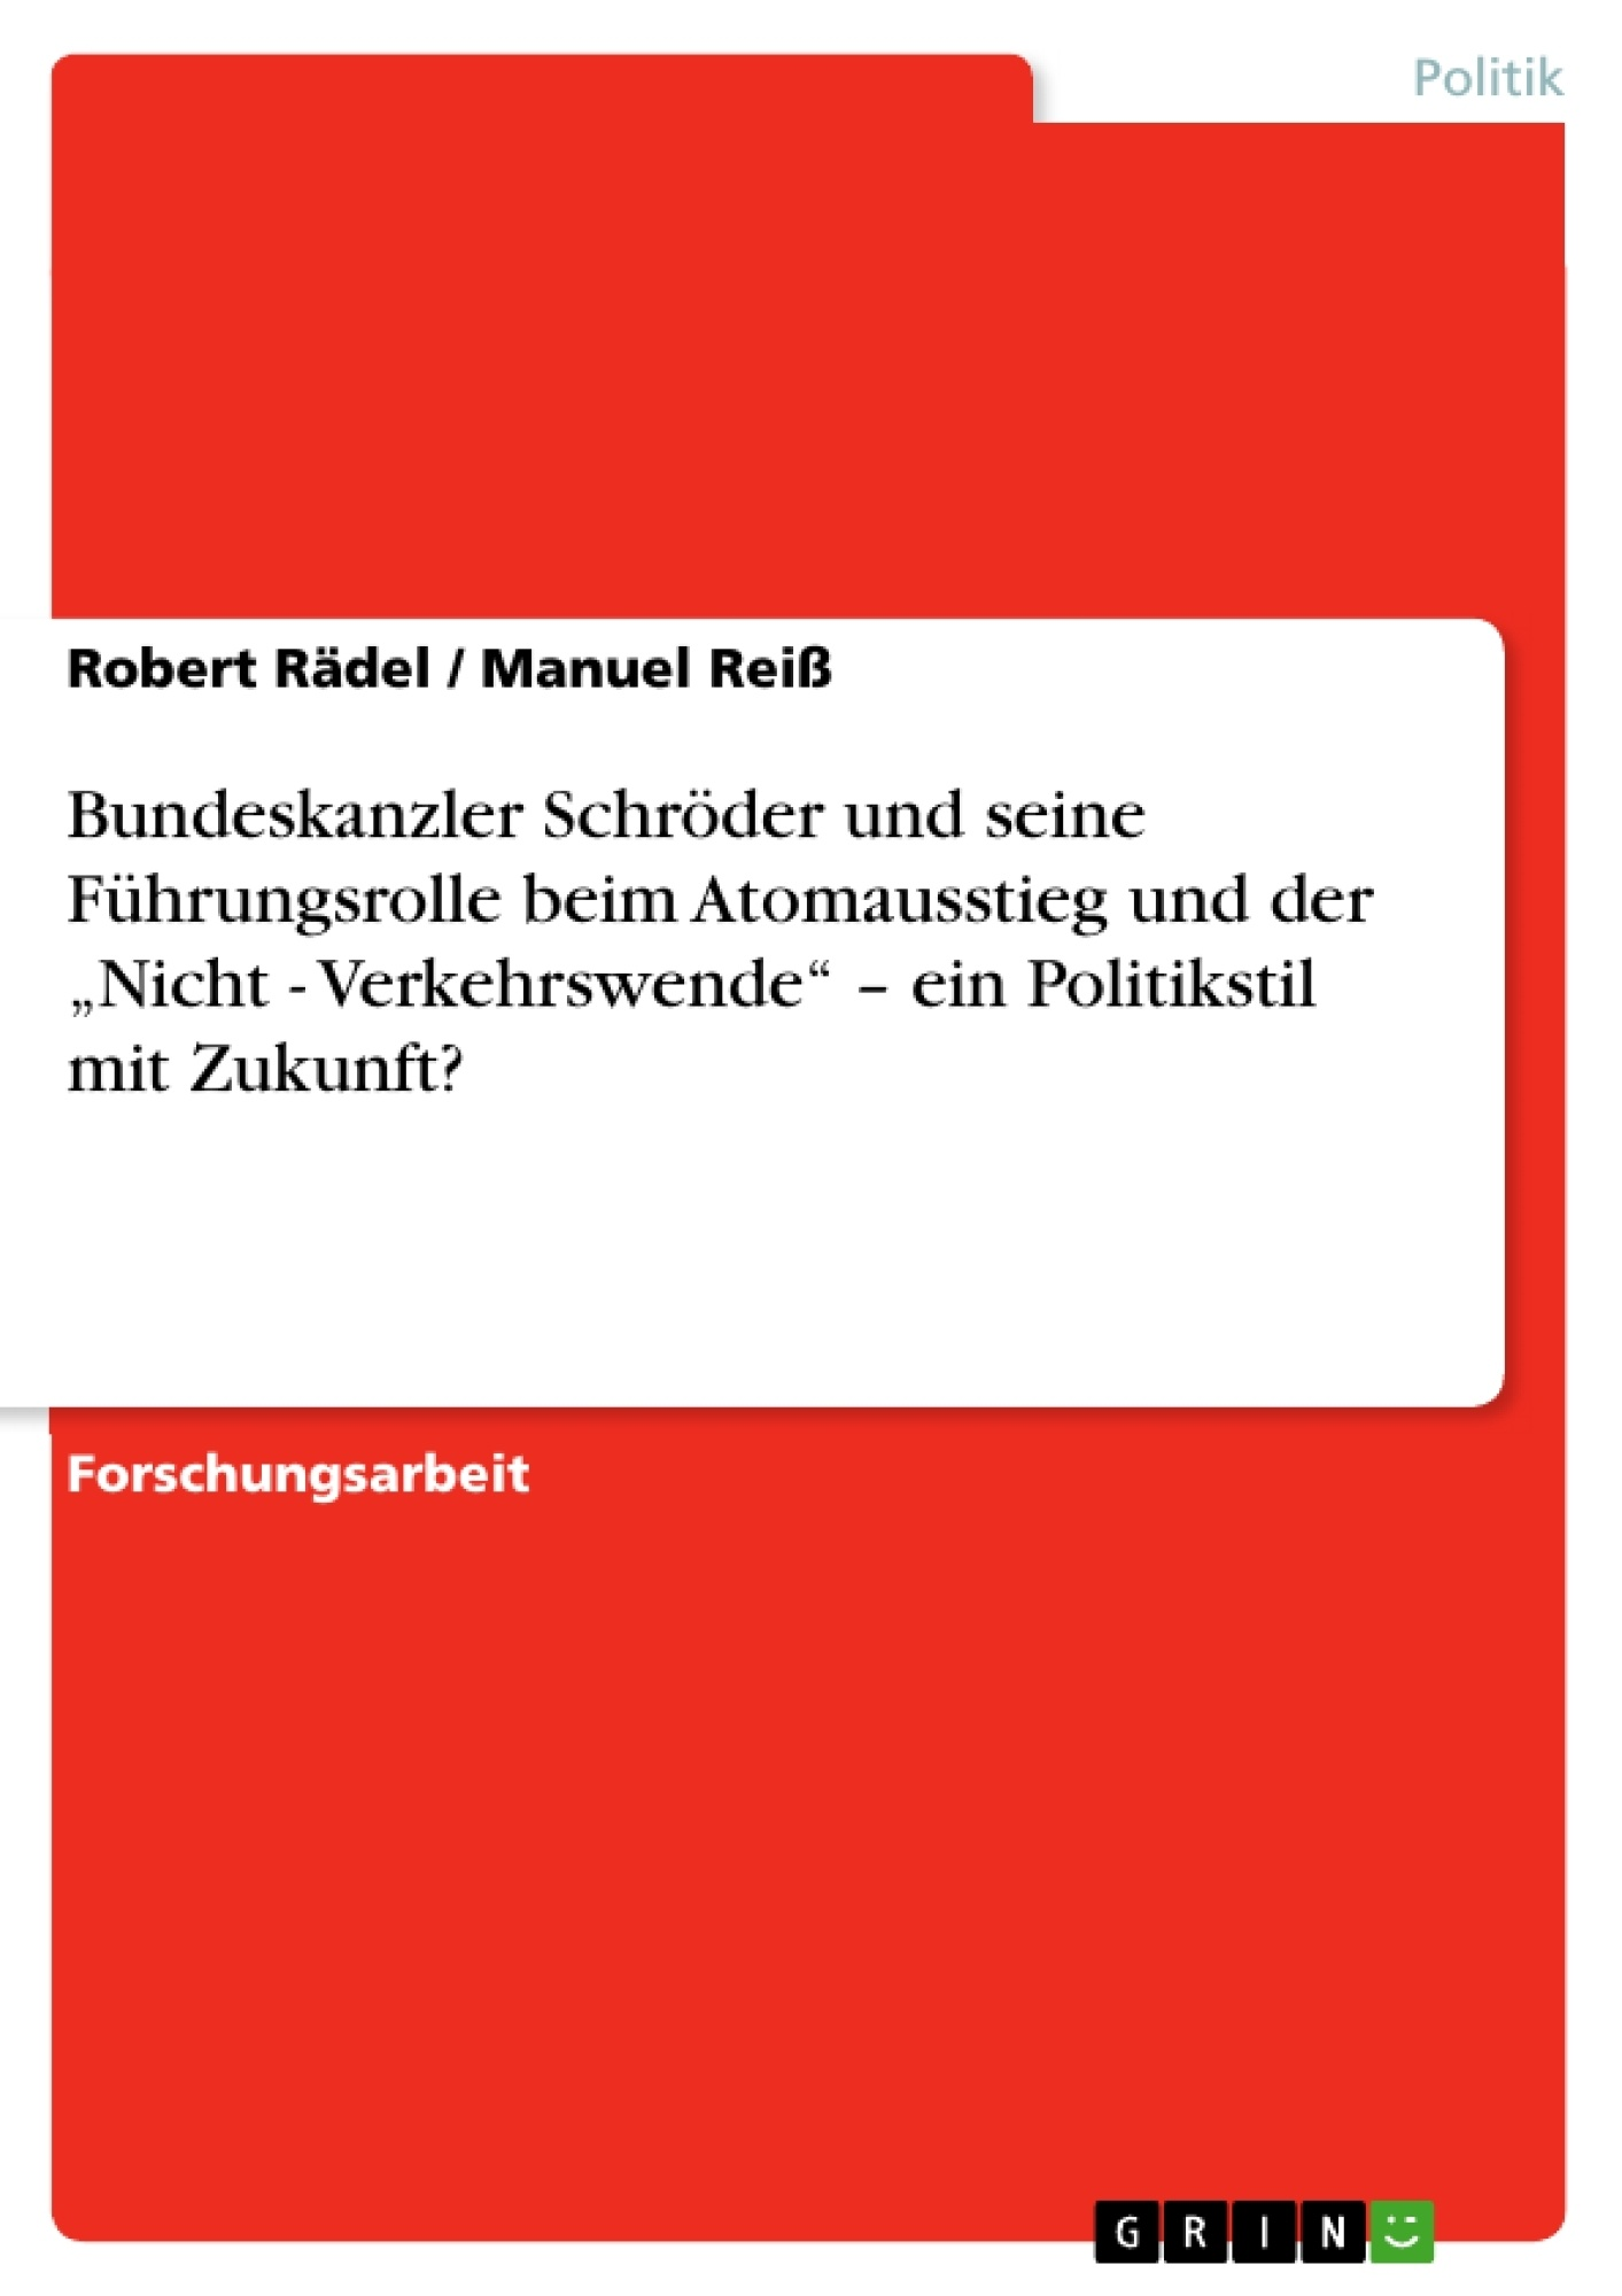 """Titel:  Bundeskanzler Schröder und seine Führungsrolle beim Atomausstieg und der """"Nicht - Verkehrswende"""" – ein Politikstil mit Zukunft?"""